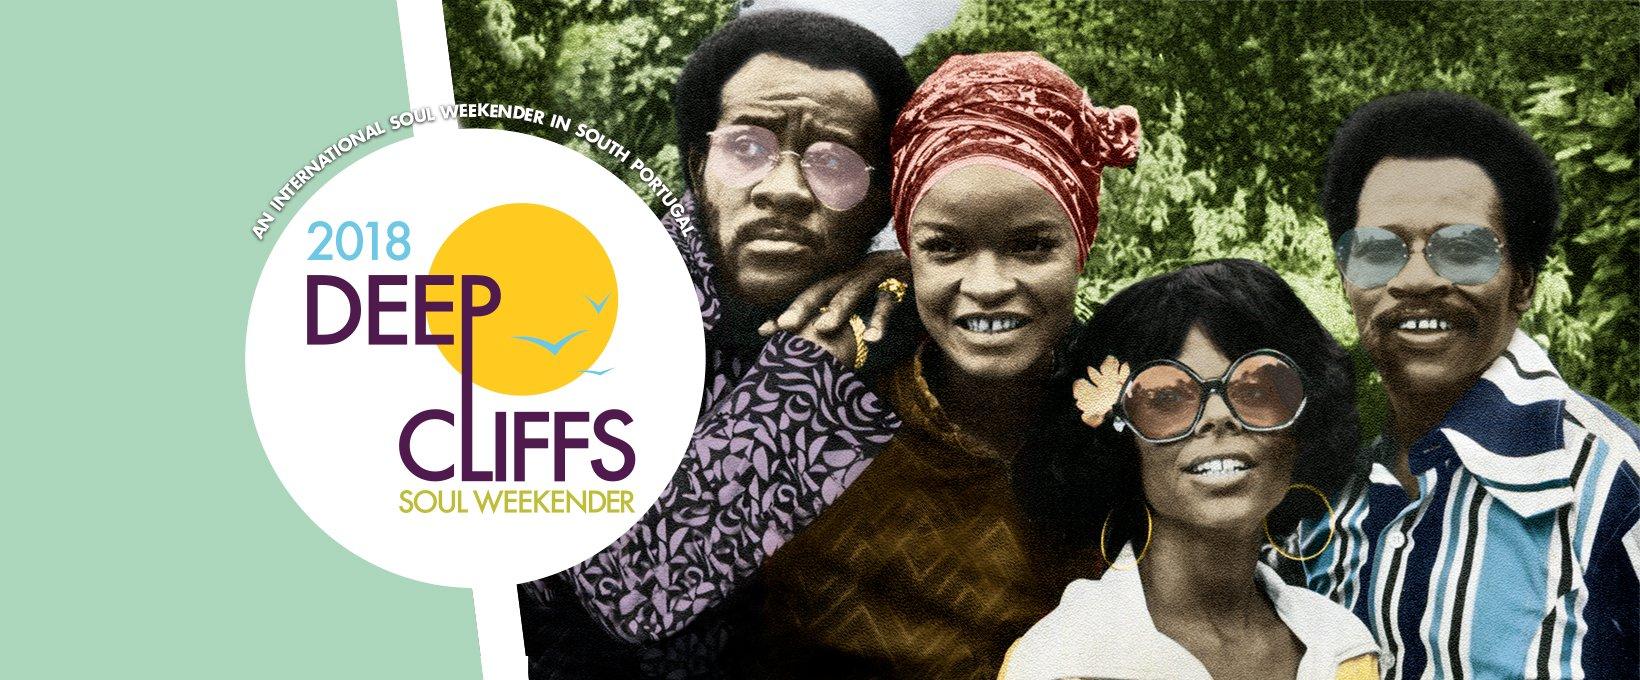 Deep Cliffs Soul Weekender 2018 flyer